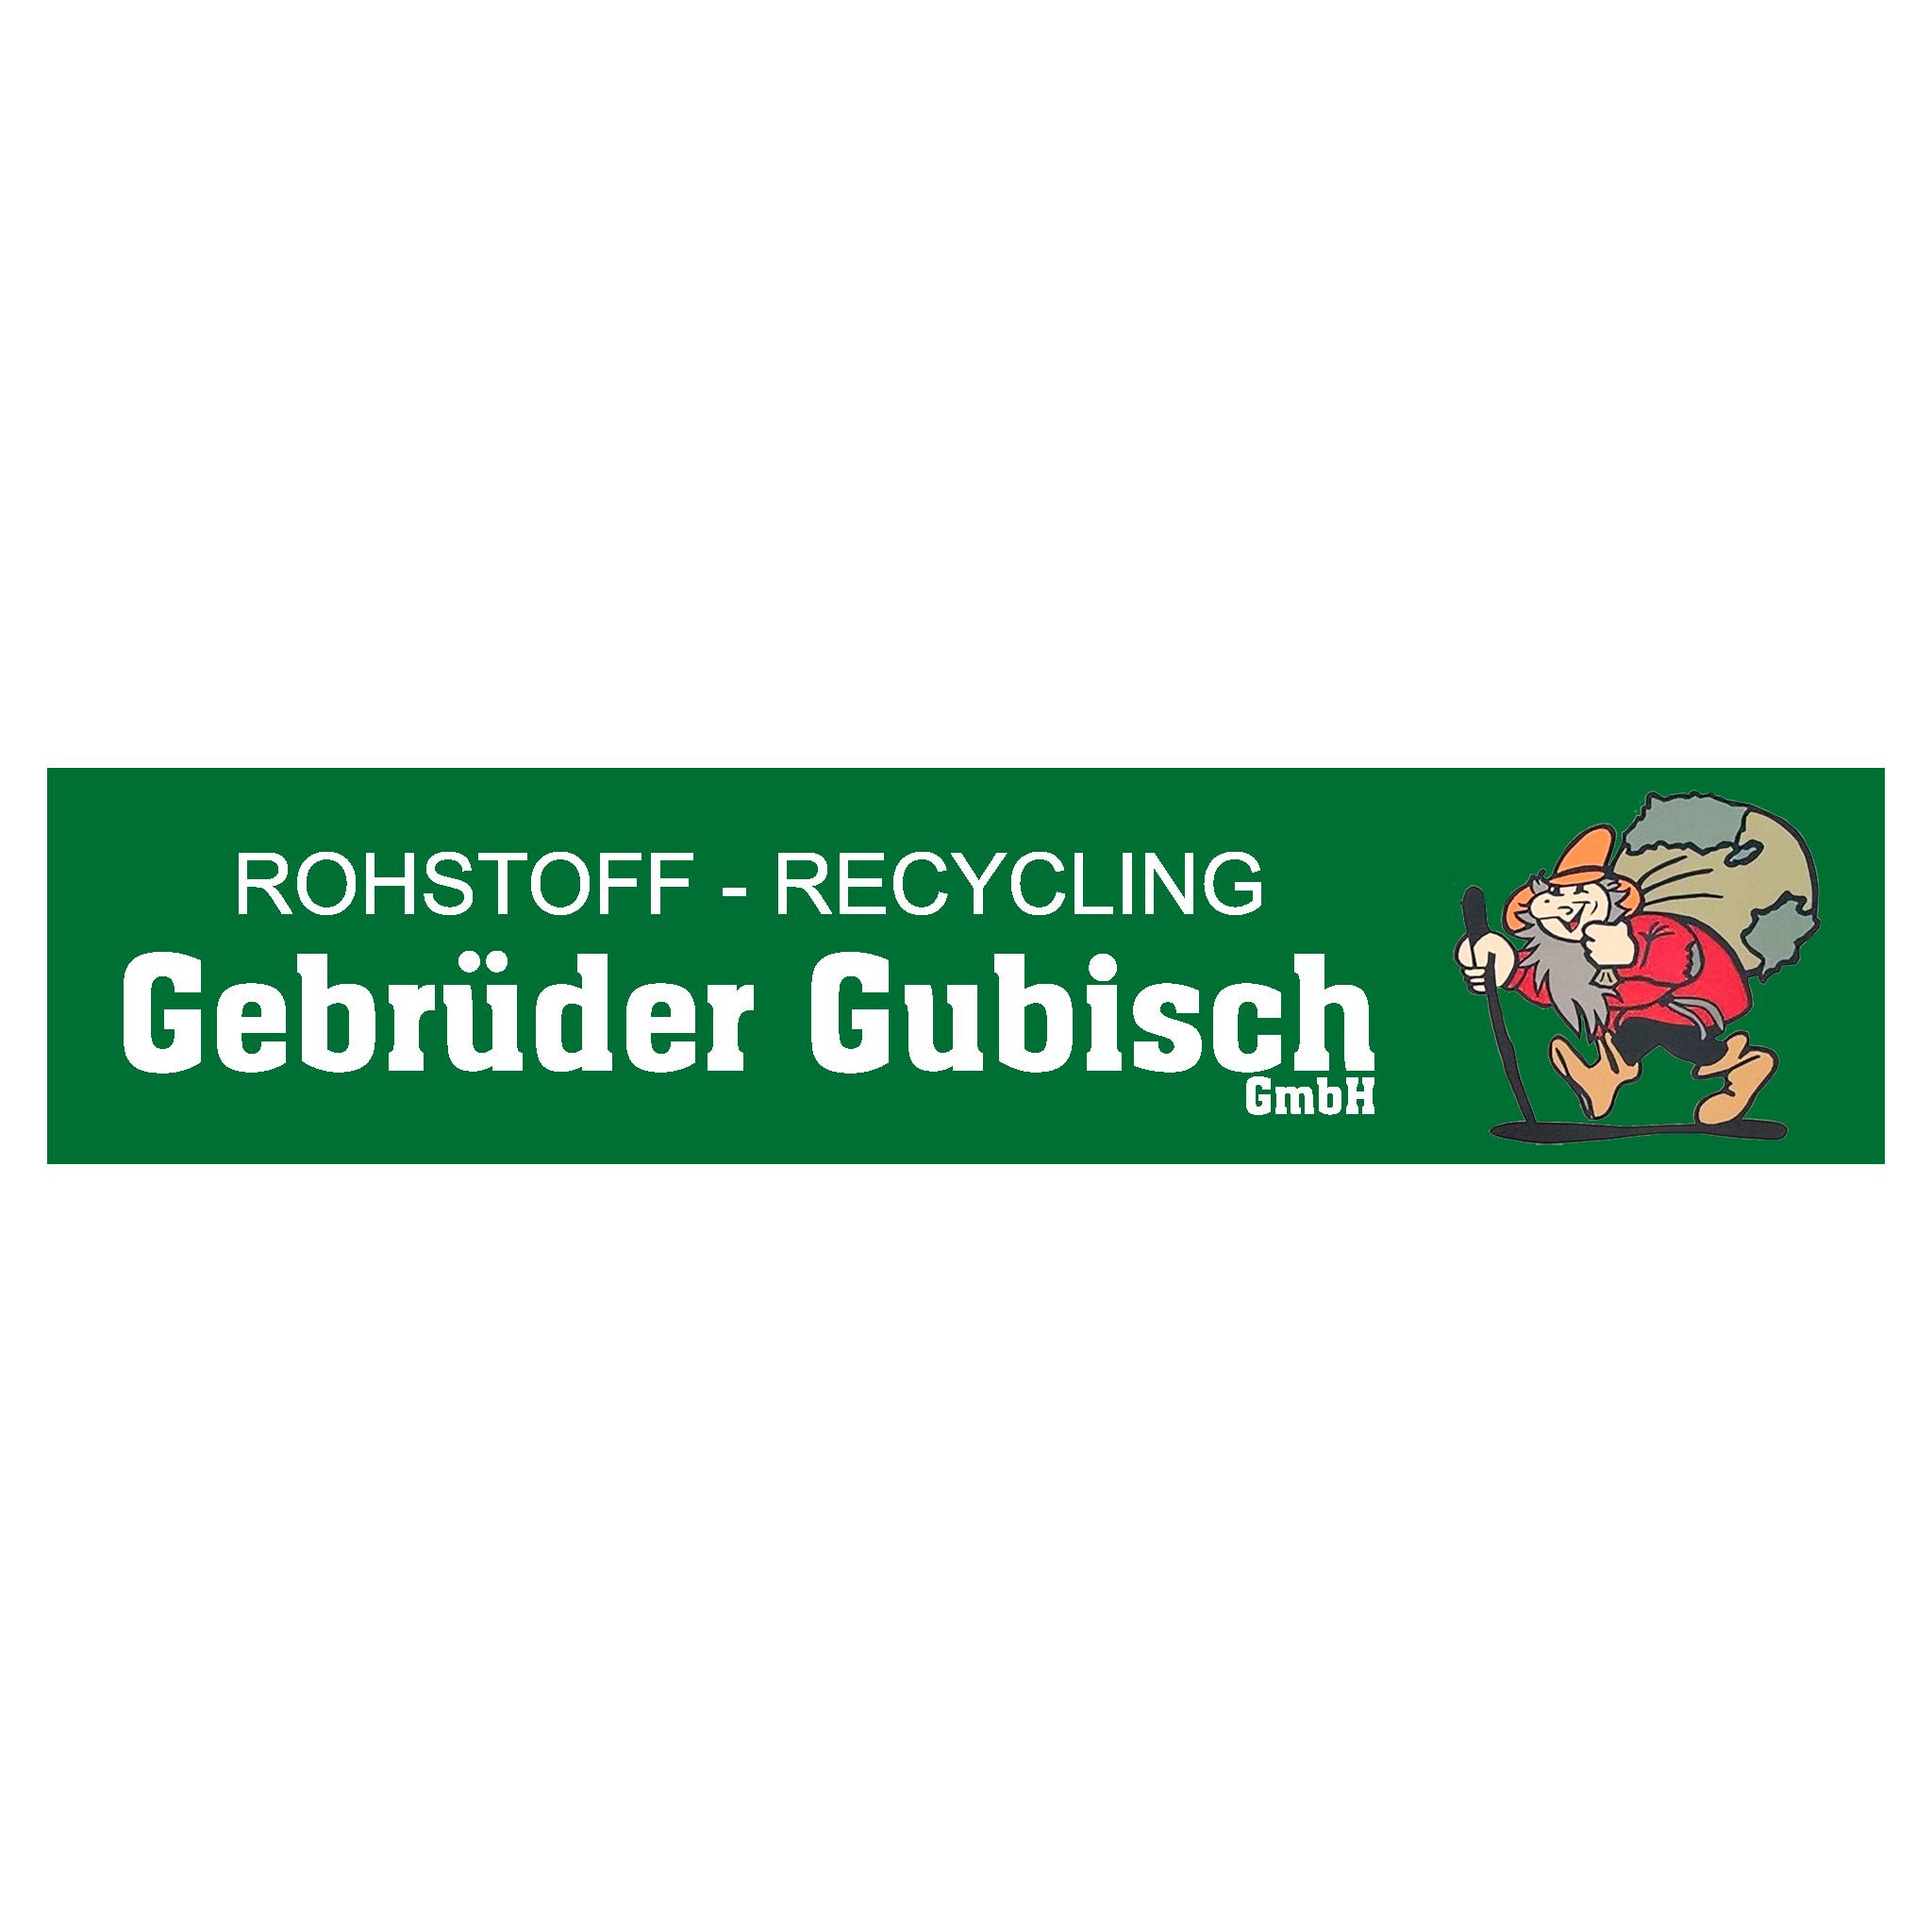 Rohstoffrecycling Gubisch